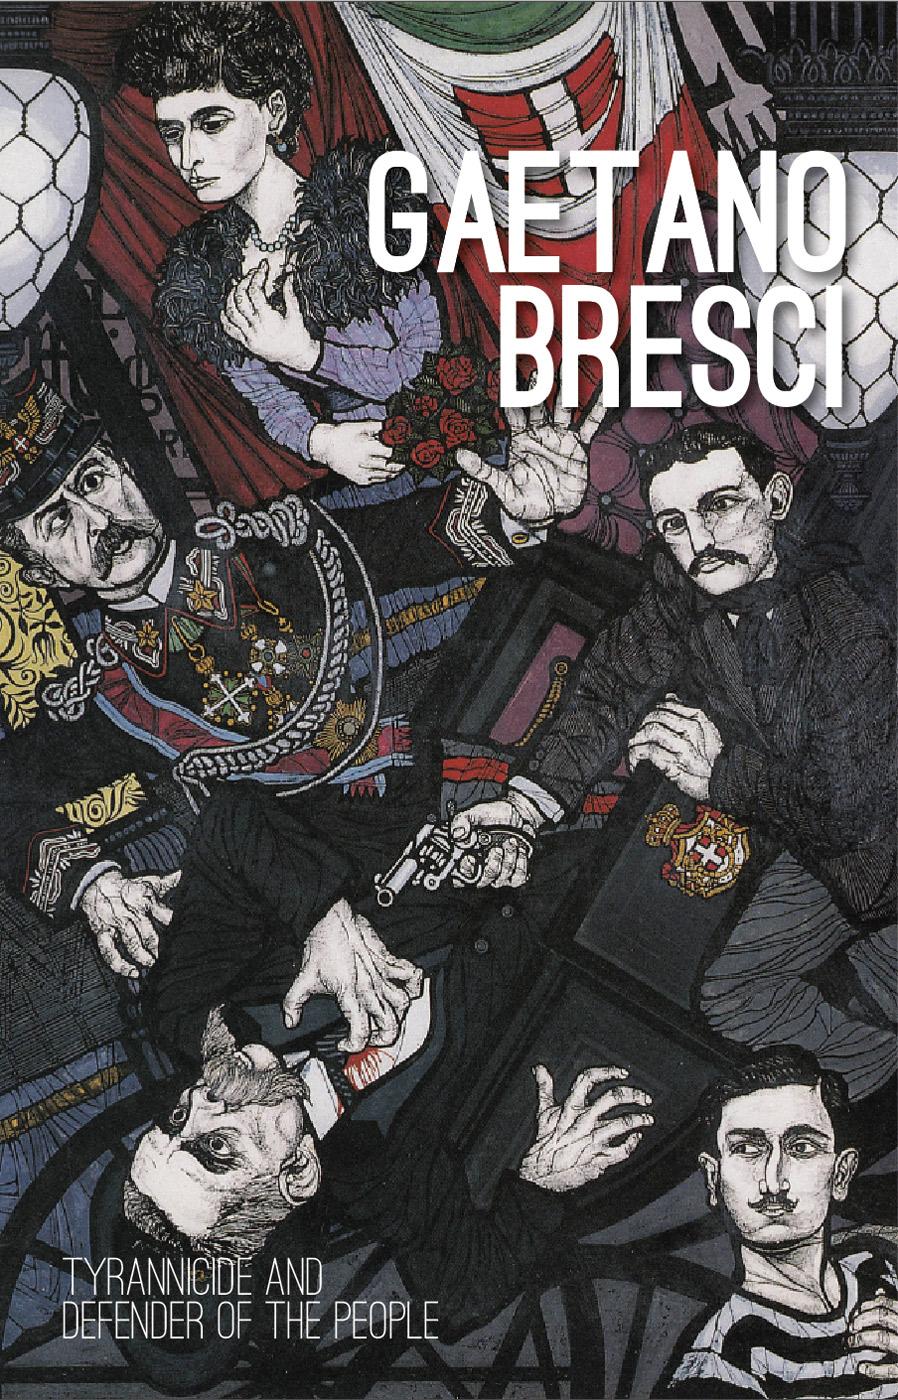 Photo of 'Gaetano Bresci' front cover